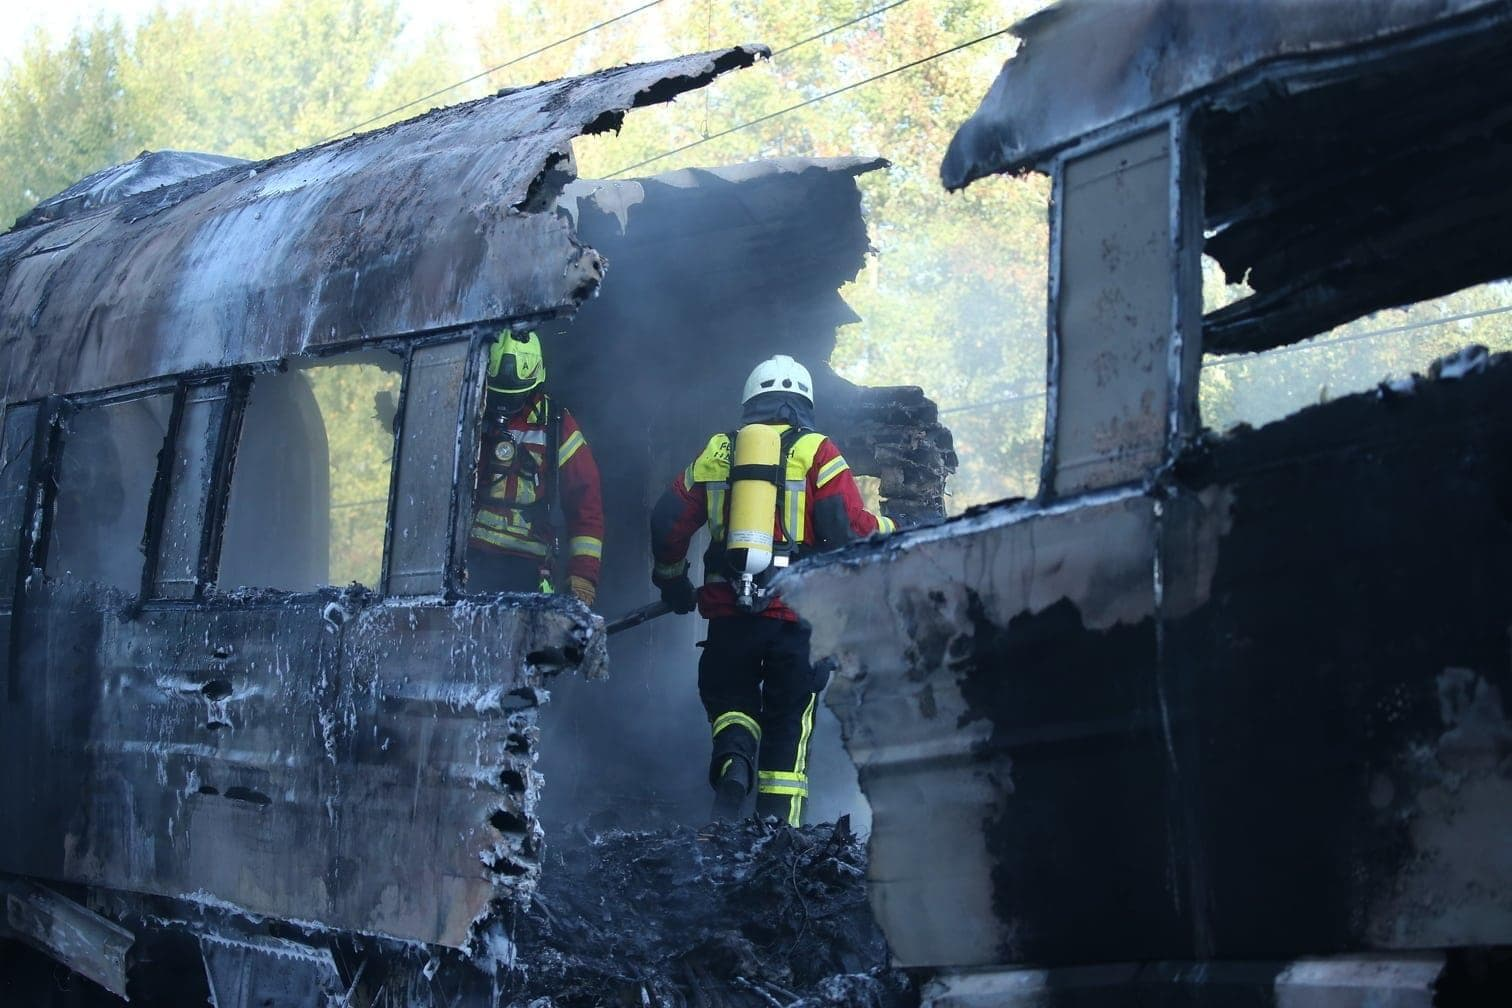 <p>Der Zug war nach Informationen der Deutschen Presse-Agentur erst kurz vor dem Brand in einem Werk technisch untersucht worden &ndash; wegen Schmorgeruchs.</p> Foto: dpa/Thomas Frey